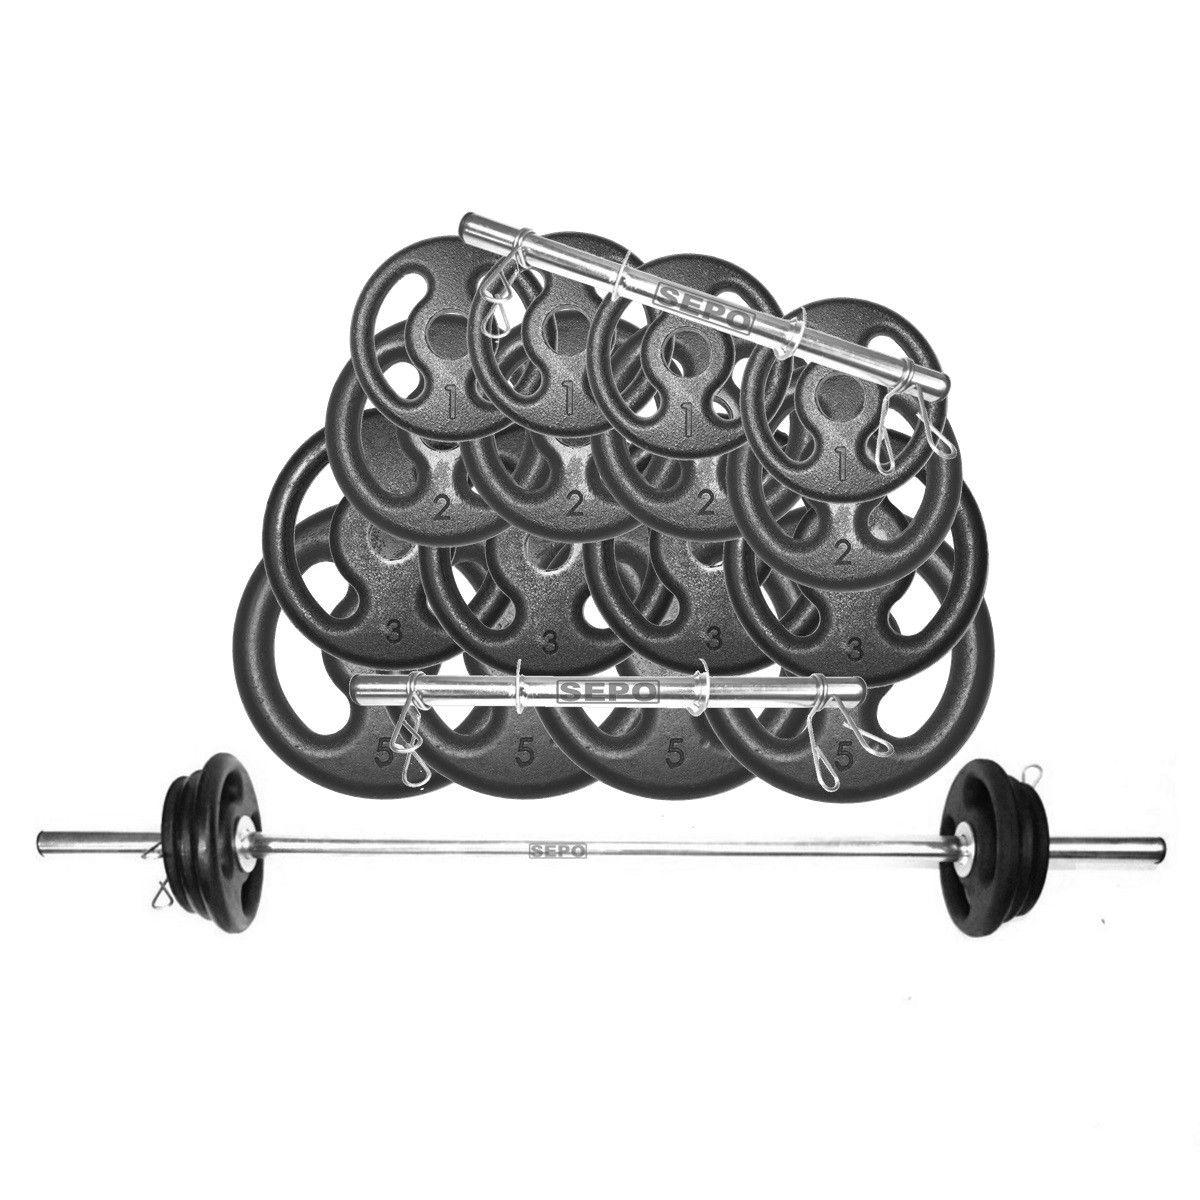 Kit Anilhas e Barras Musculação com Presilhas 44 Kg